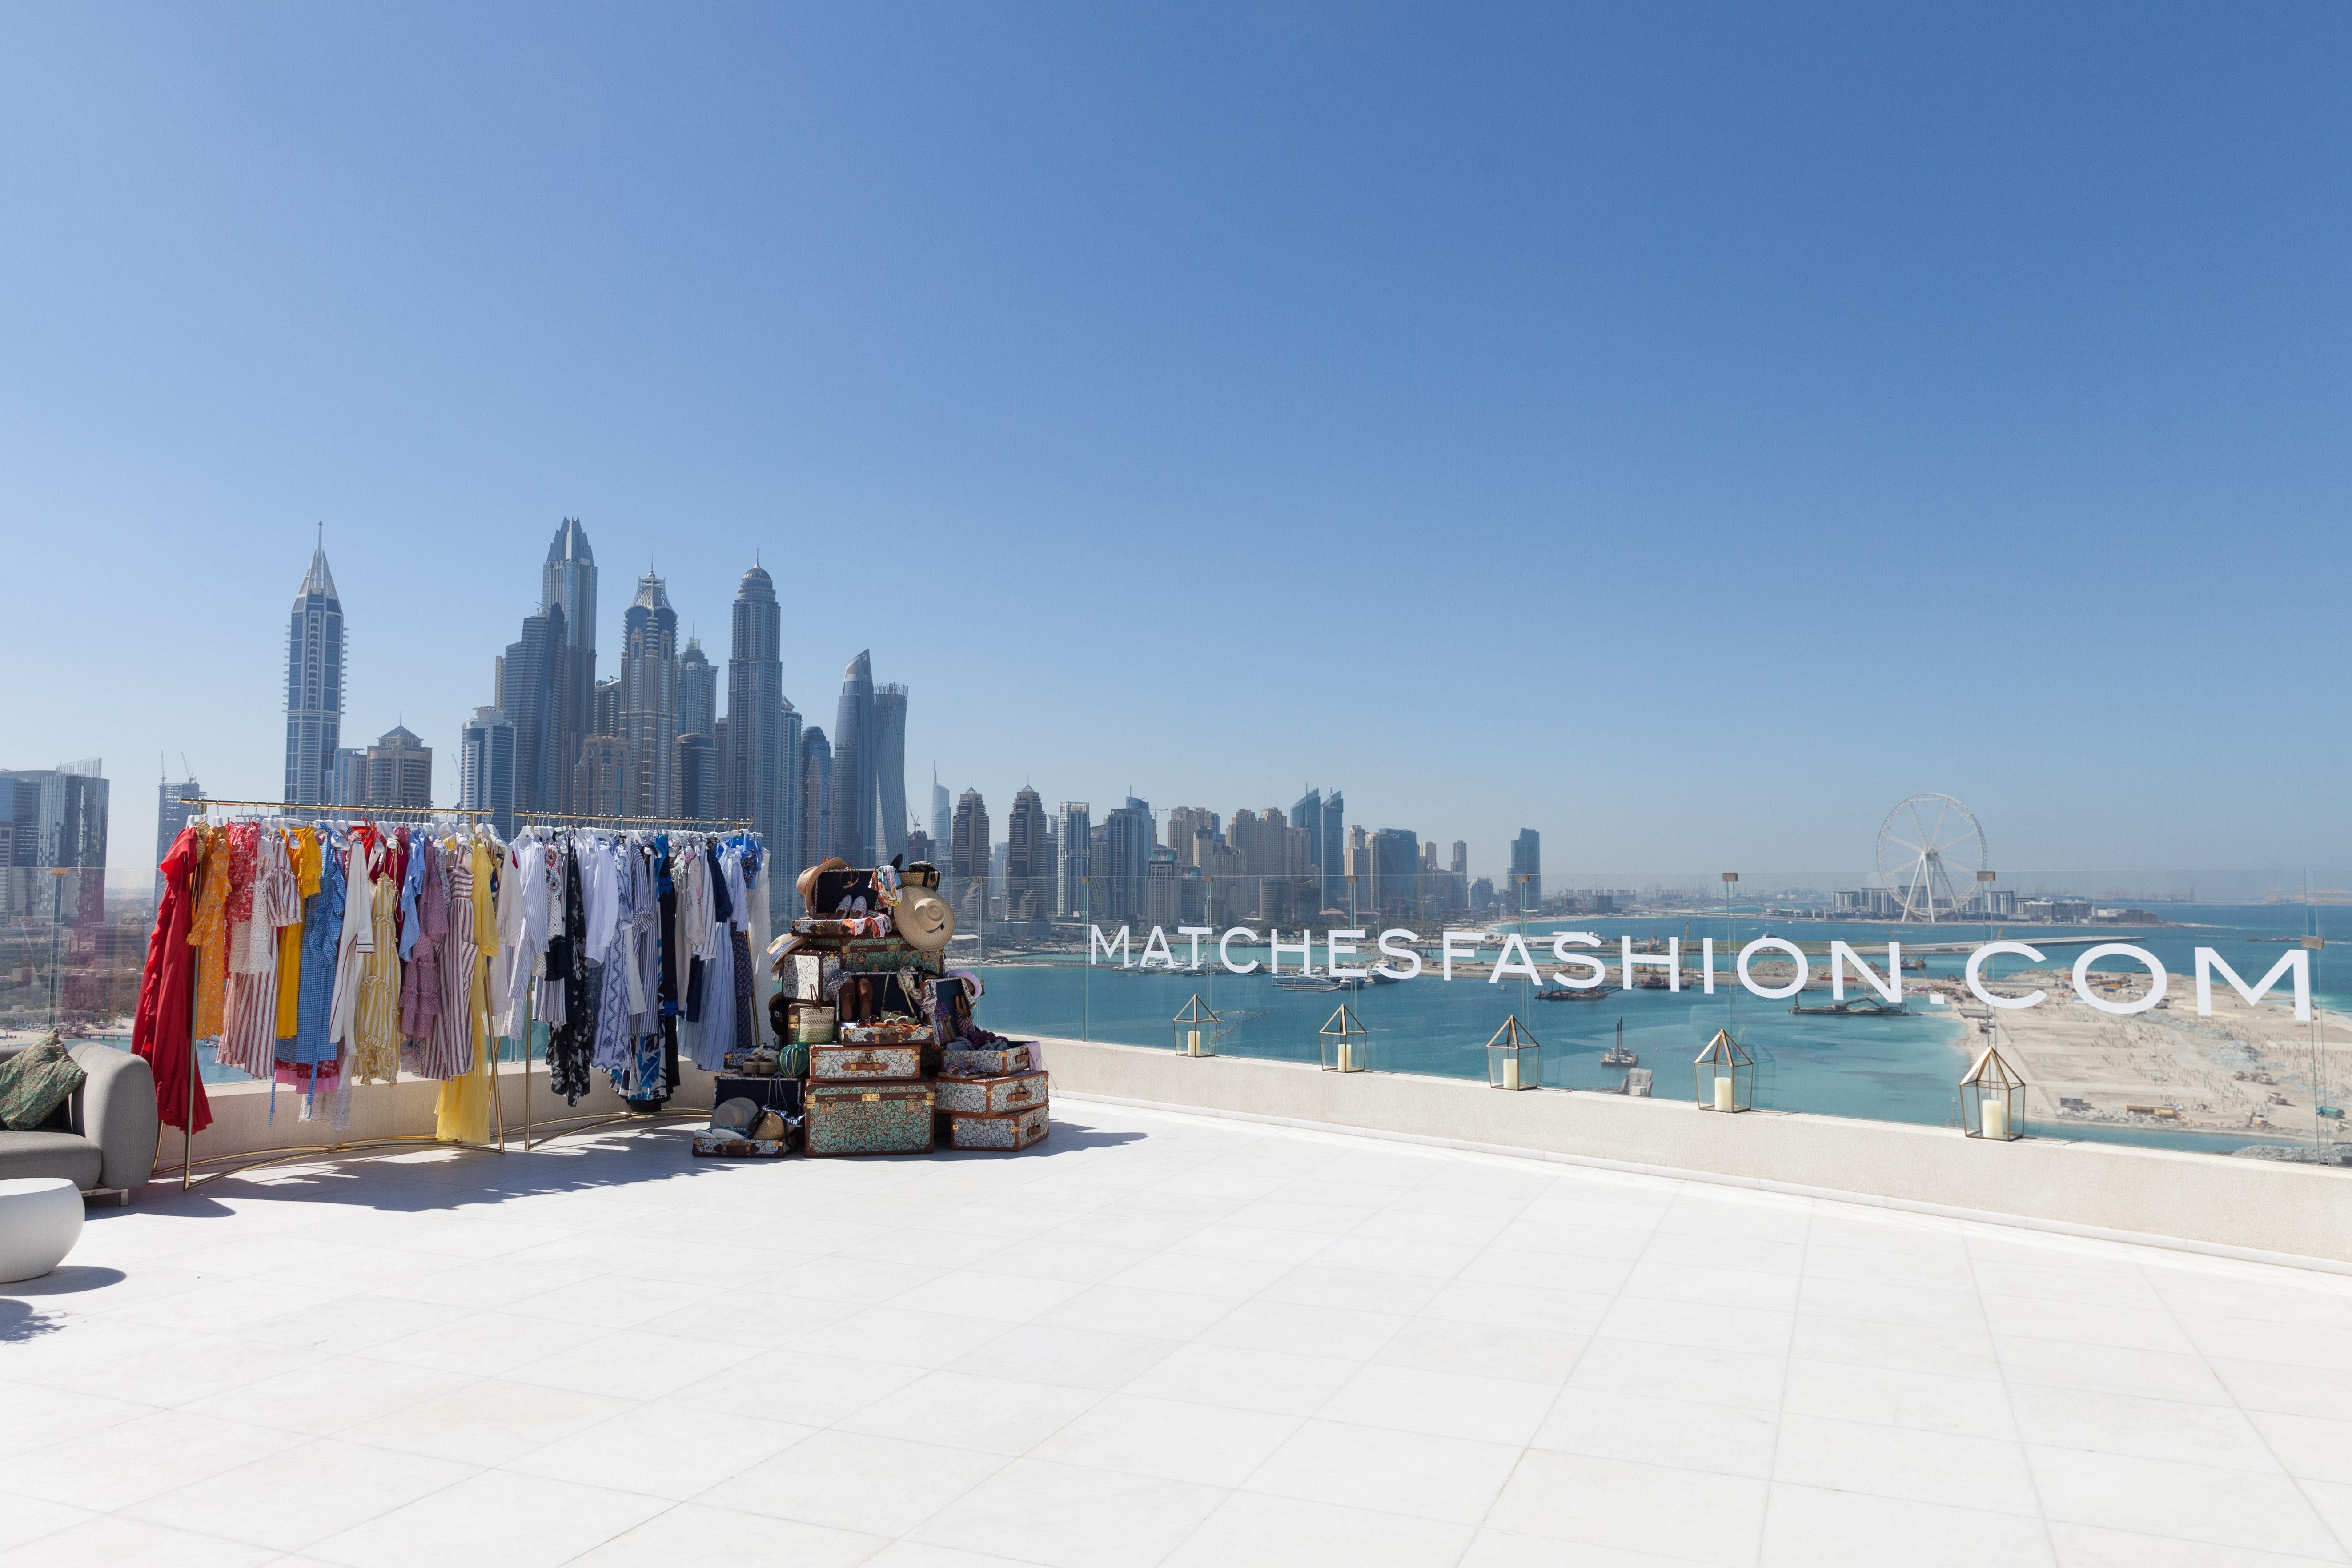 MatchesFashion event in Dubai, UAE